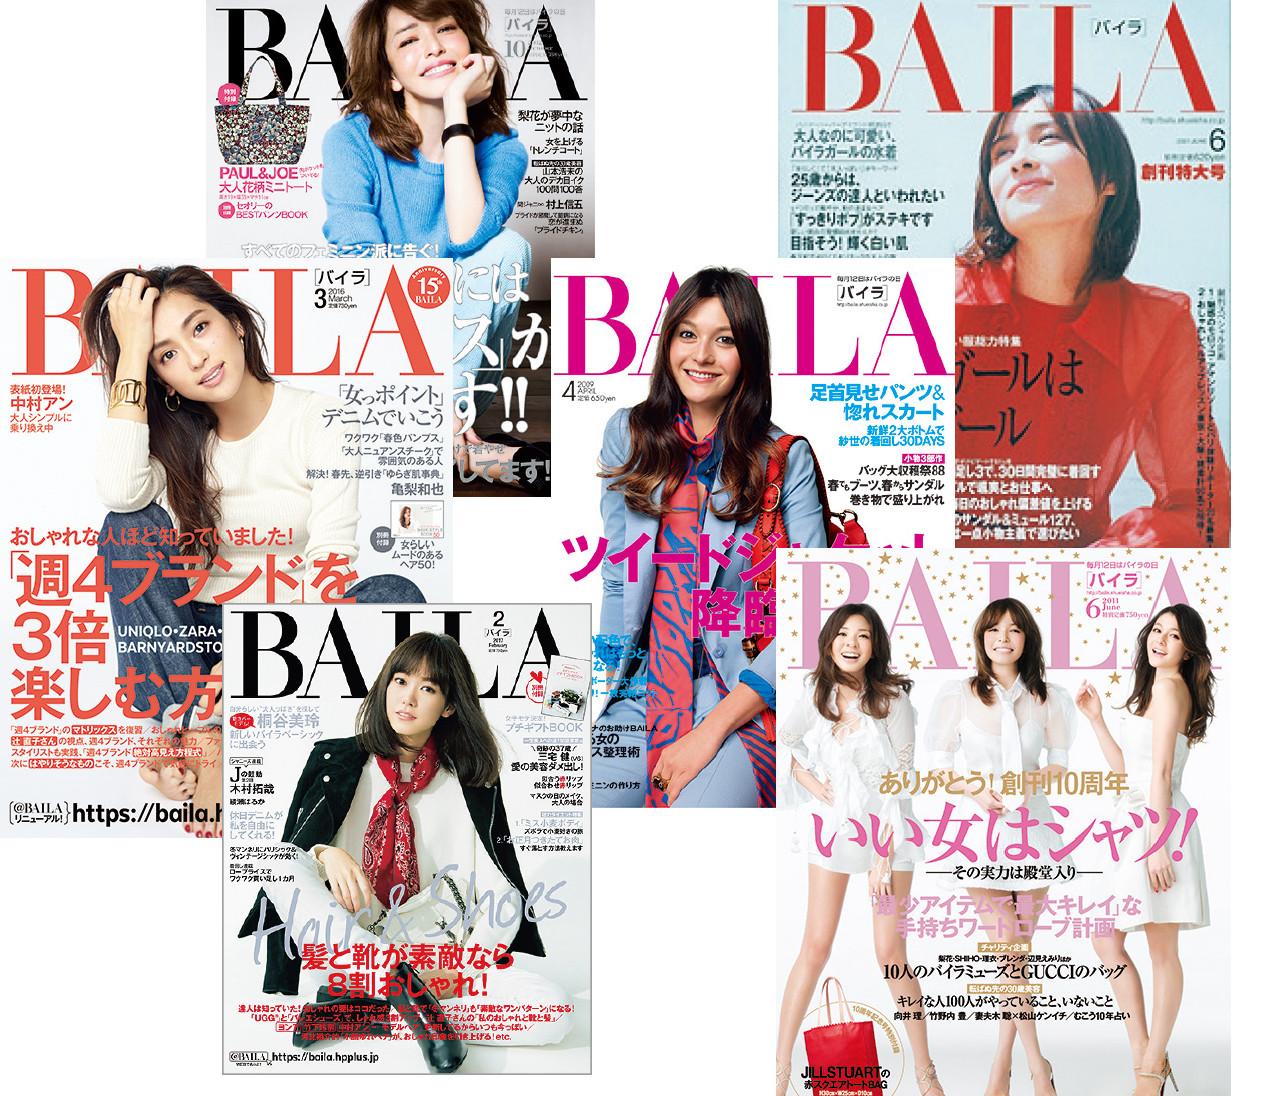 【保存版・BAILA20周年】働く30代に愛されてきた20年史を一挙公開!梨花さん、SHIHOさんら歴代カバーガールからのメッセージも!